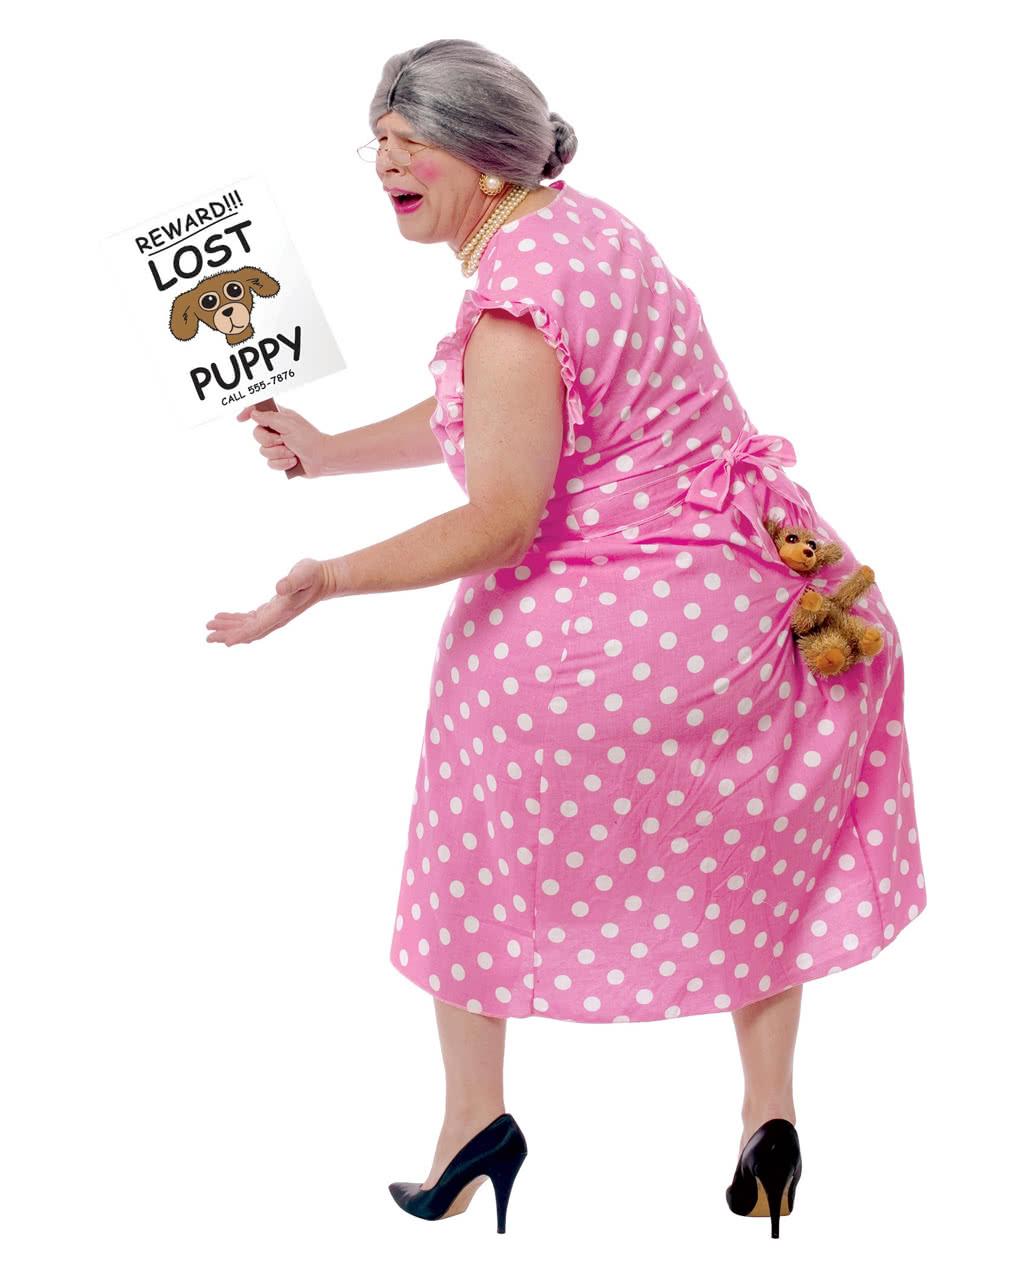 Hunde Oma Kostüm Lost Puppy Witzige Karnevalskostüme Party Kostüme